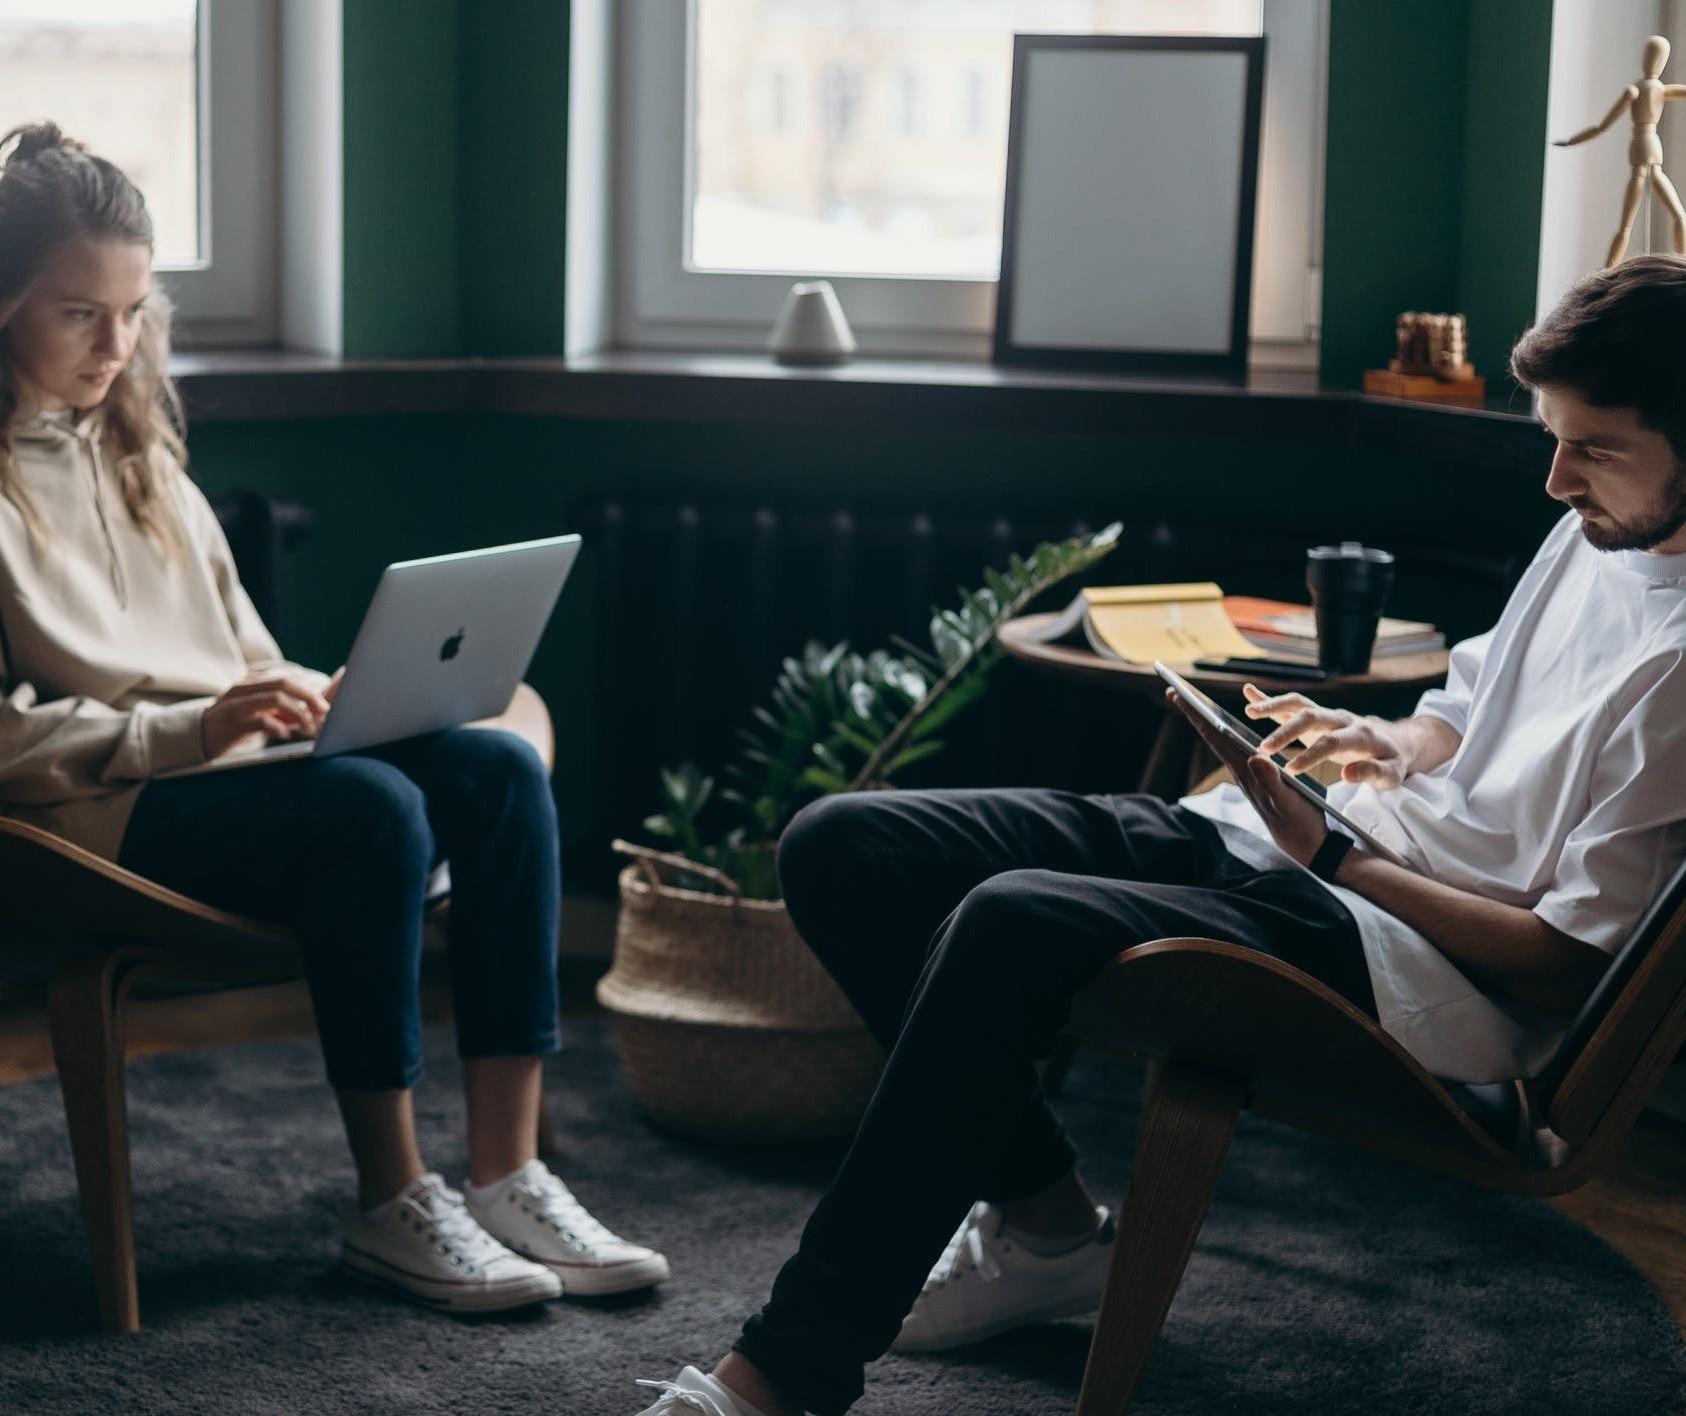 Trabalhar em casa pode causar crise no relacionamento pessoal